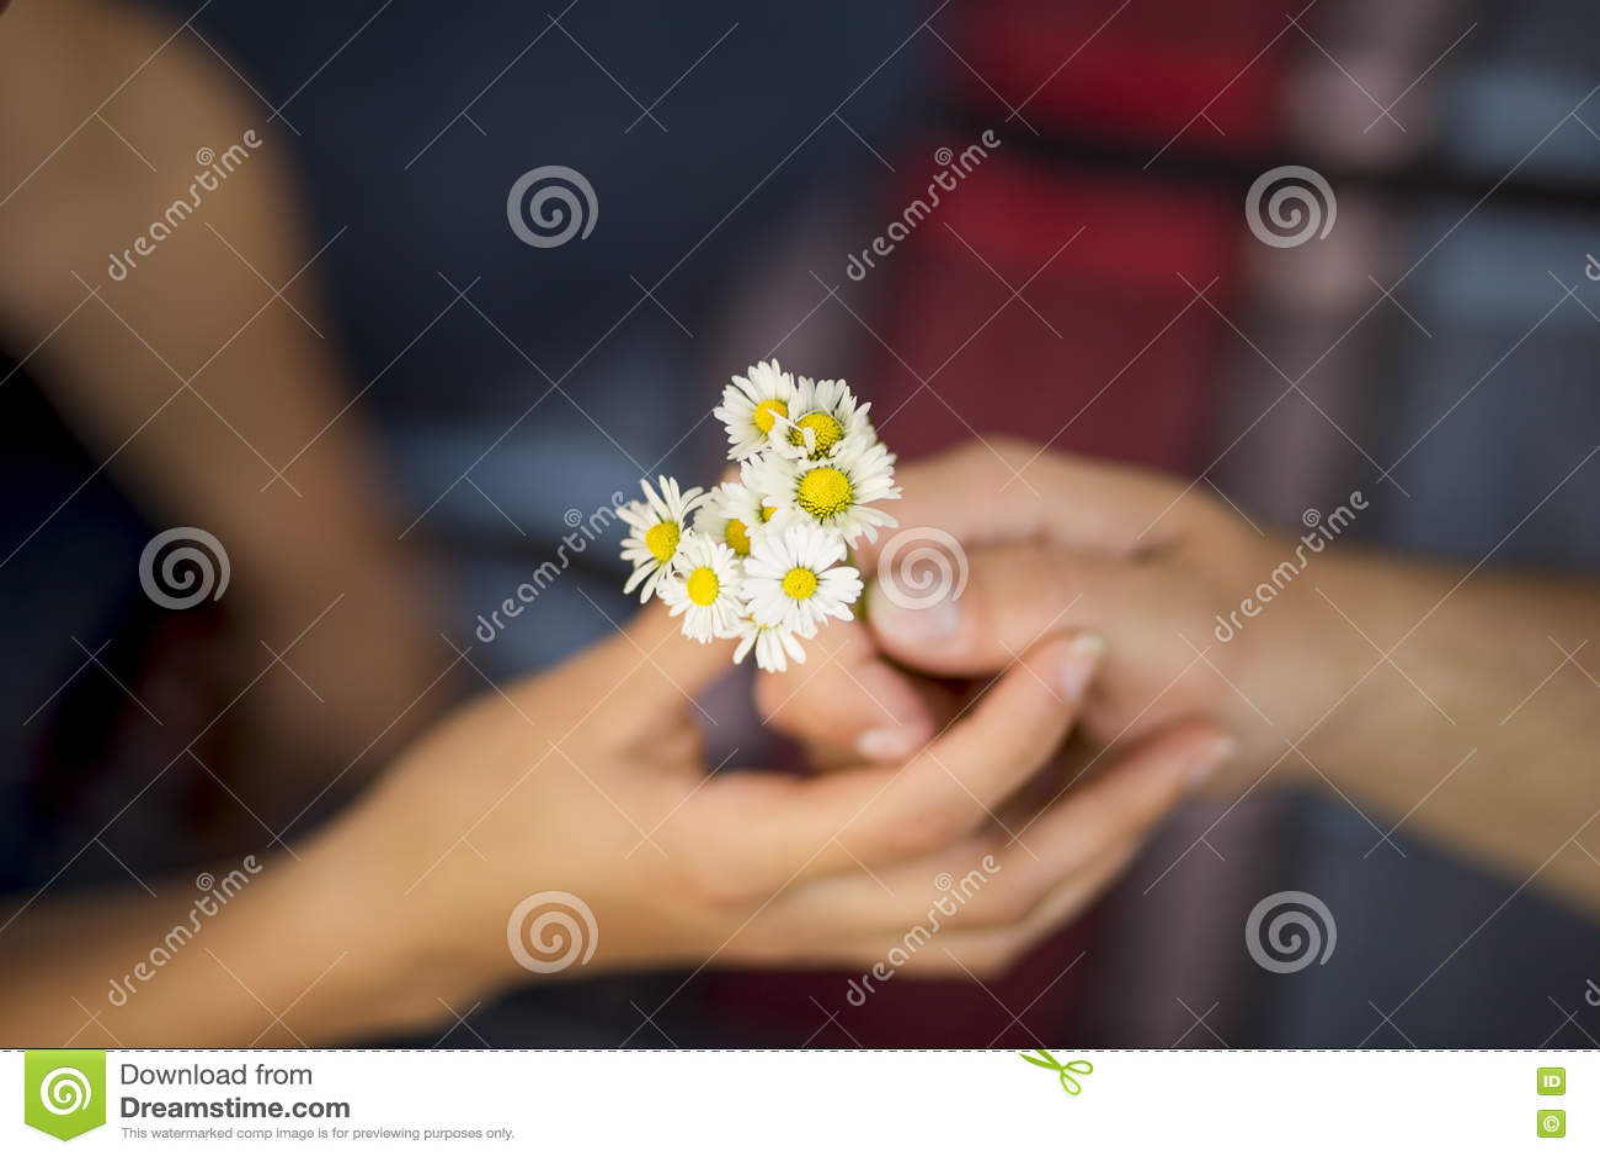 Bloemen als gift